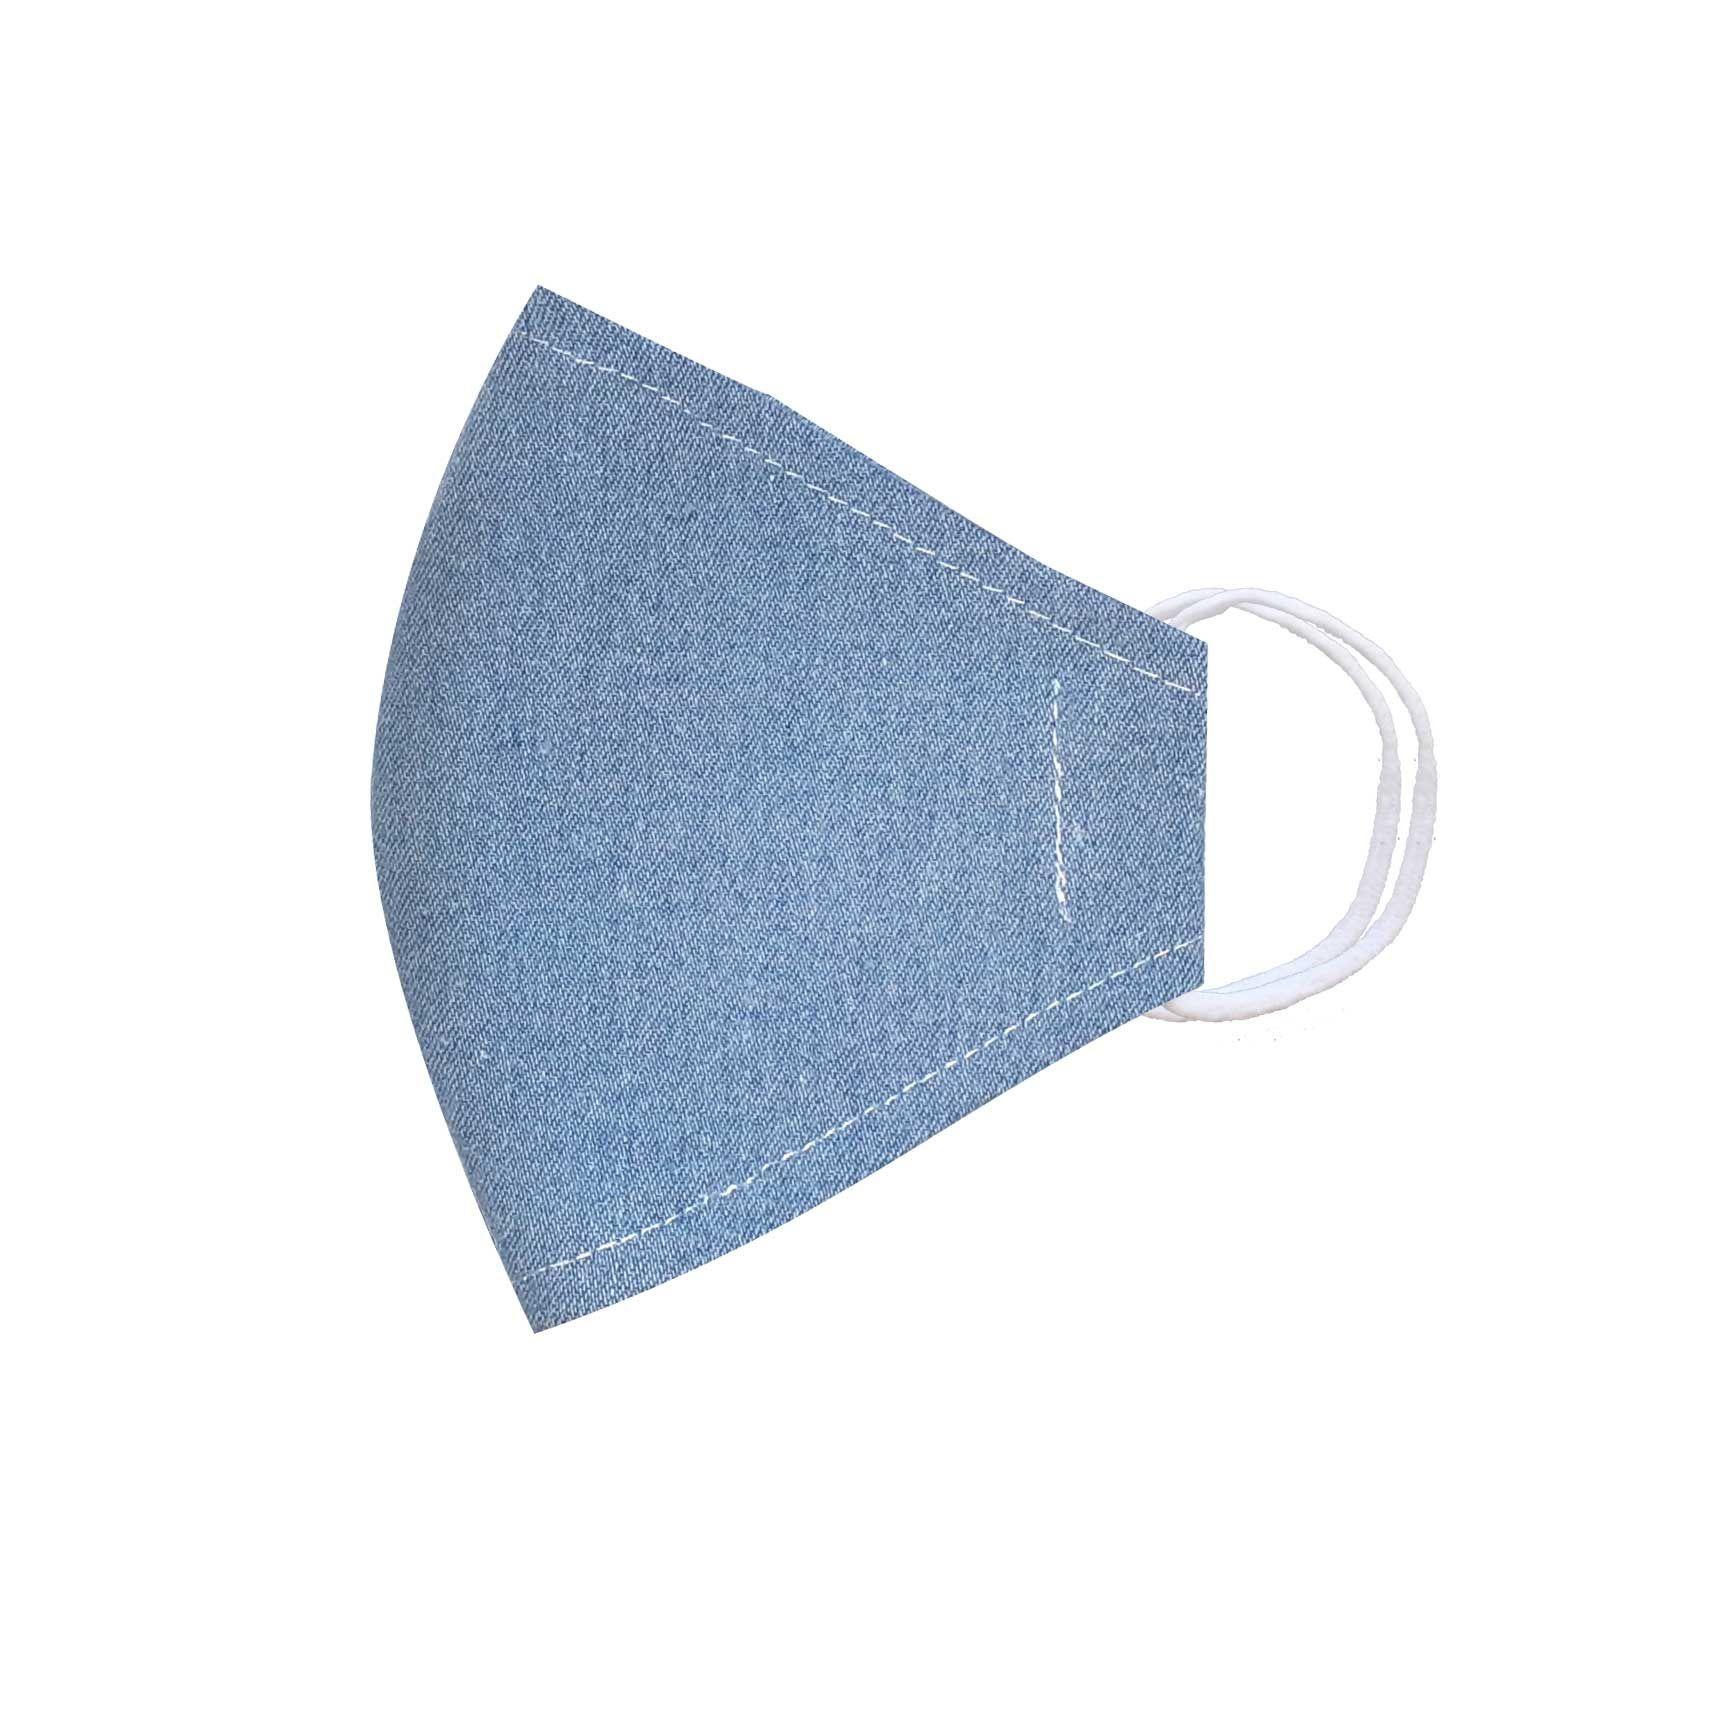 Módní bavlněné třívrstvé ústní roušky tvarované, džínové světle modré s gumičkami dětské